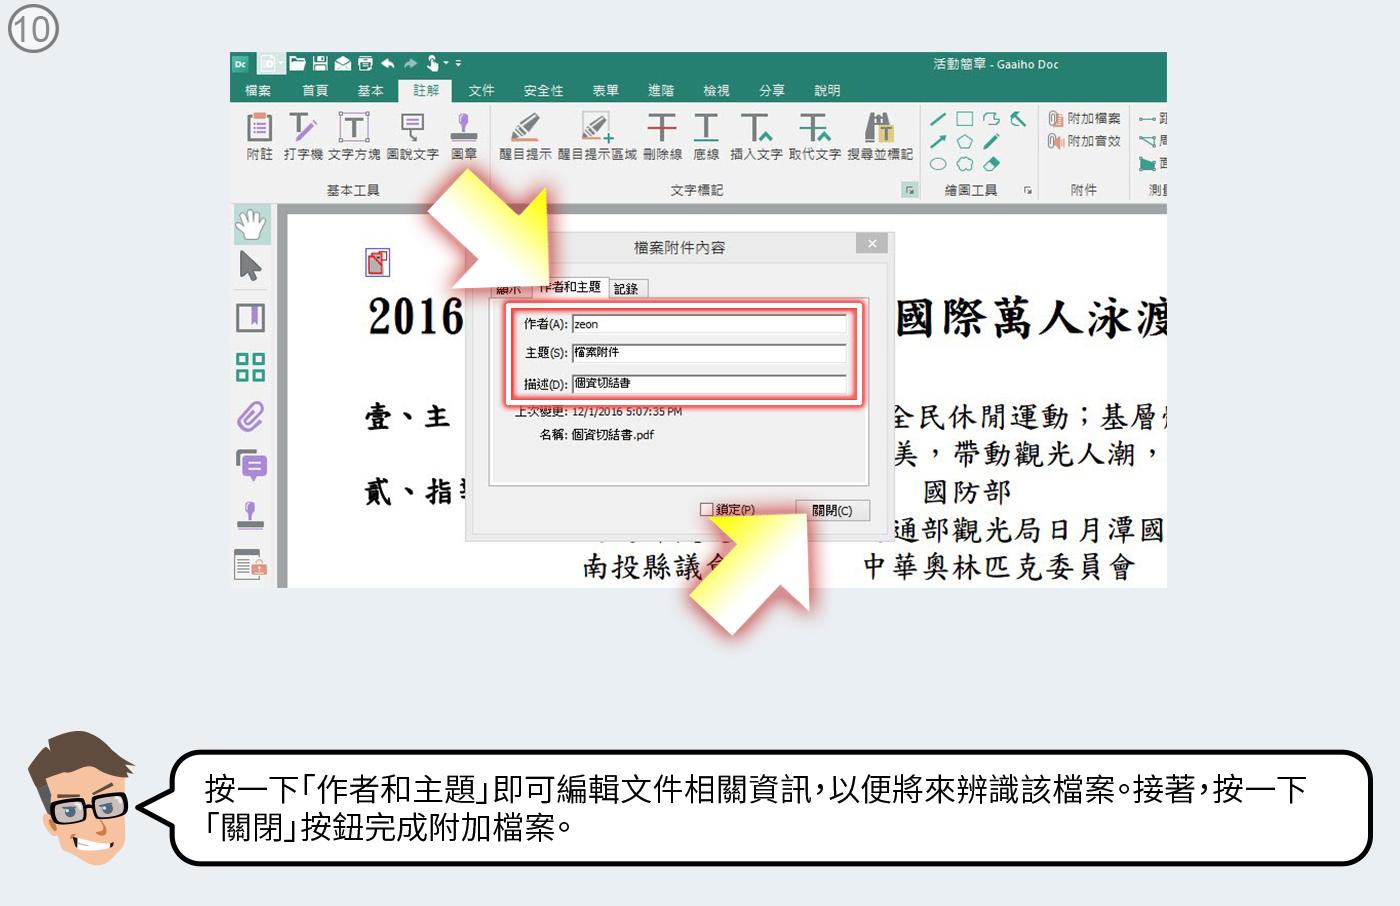 「作者和主題」可編輯文件相關資訊,以便將來辨識該檔案。